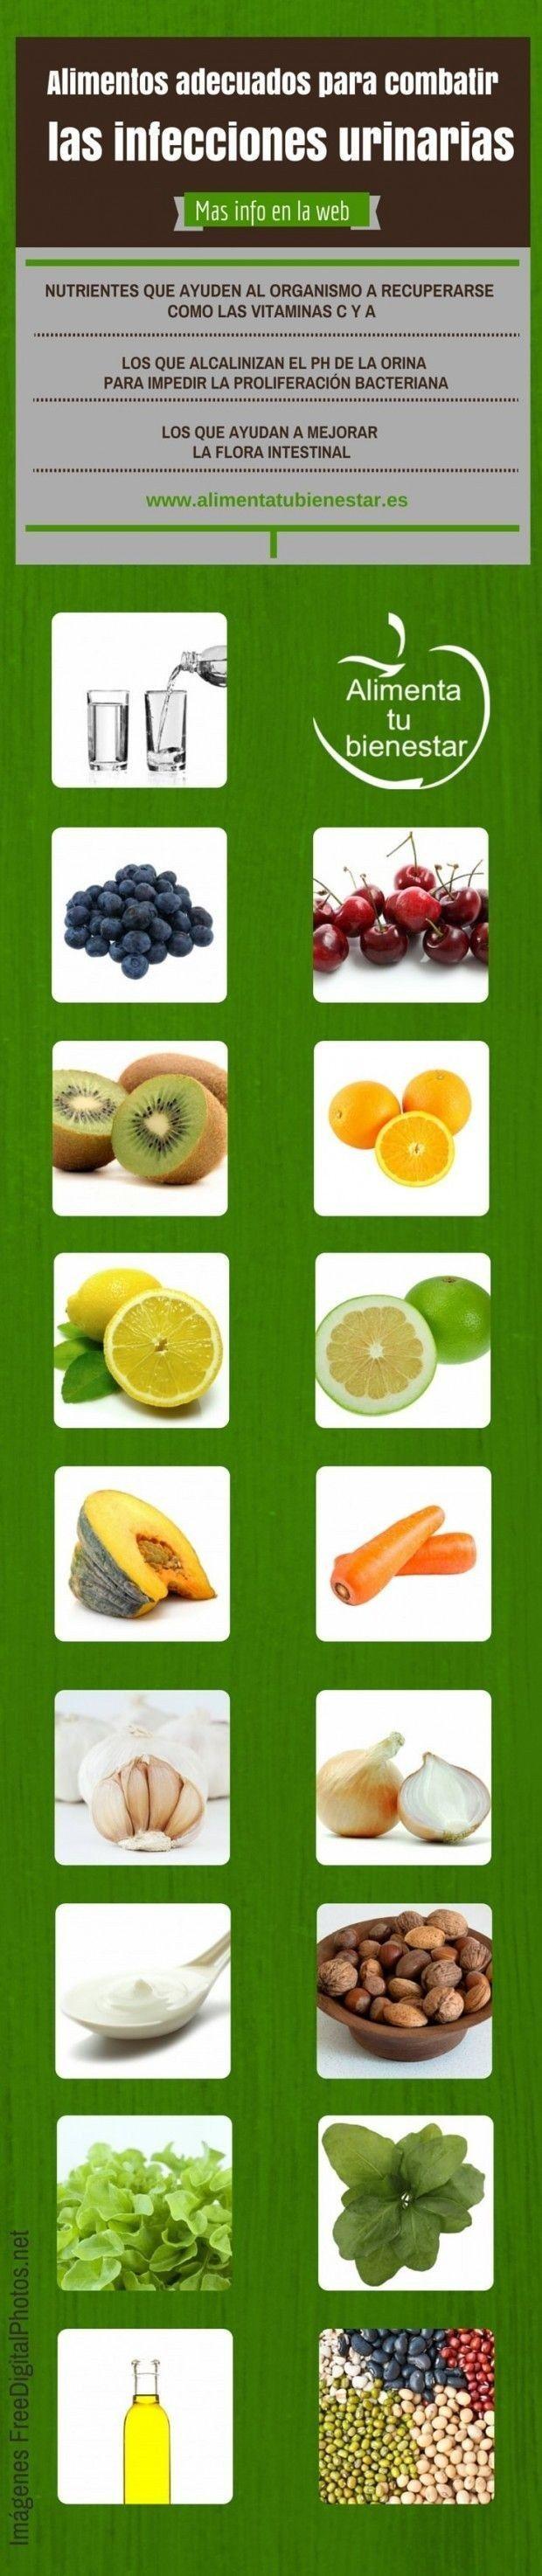 23 Infografías que te ayudarán a vivir una vida más sana